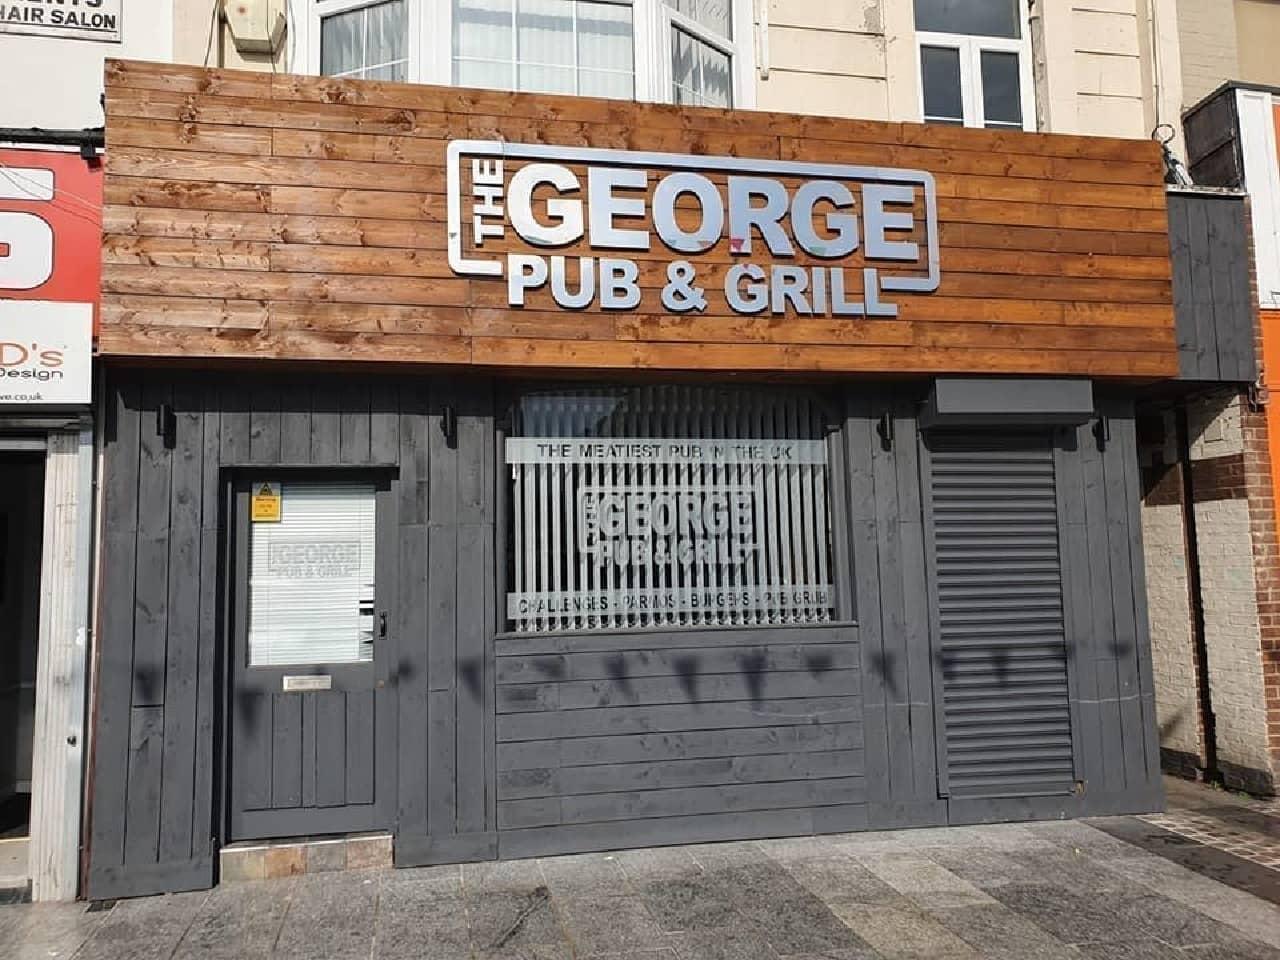 英国のパブ「ジョージパブ&グリル」